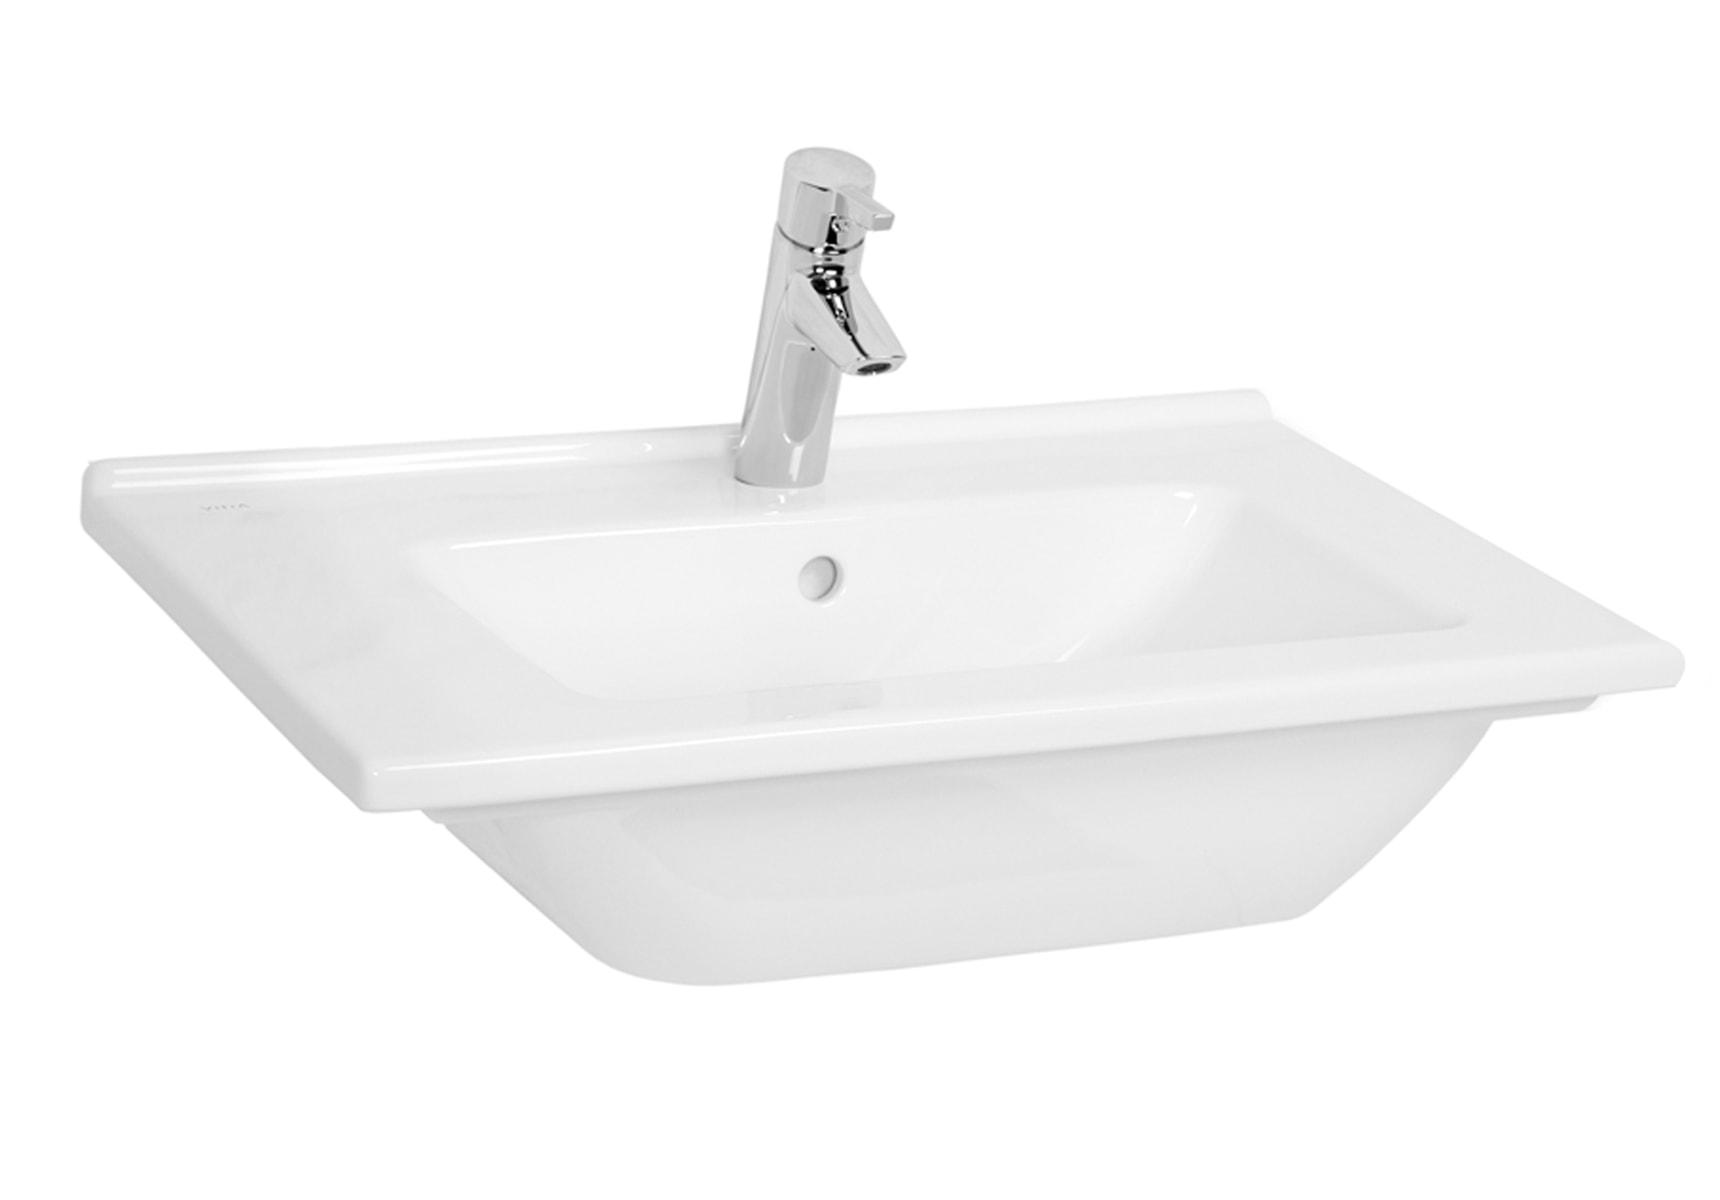 S50 Vanity Basin, 60cm